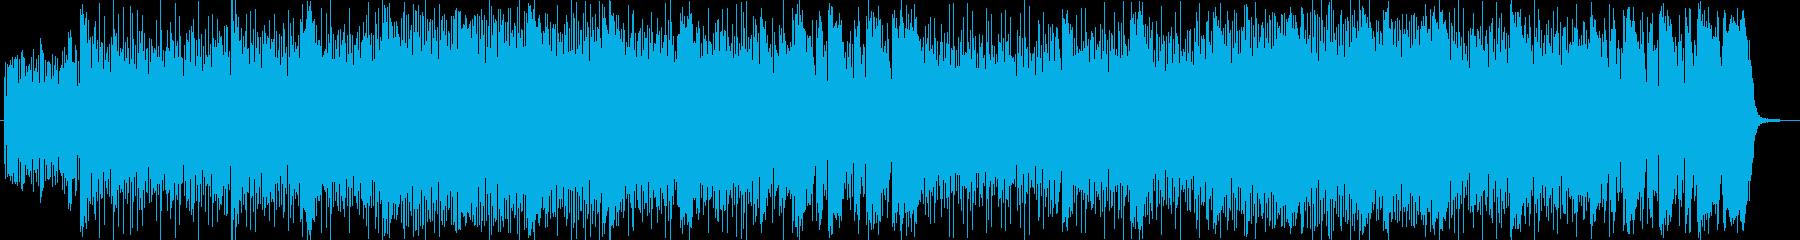 手品やショー風シンセサイザーサウンドの再生済みの波形